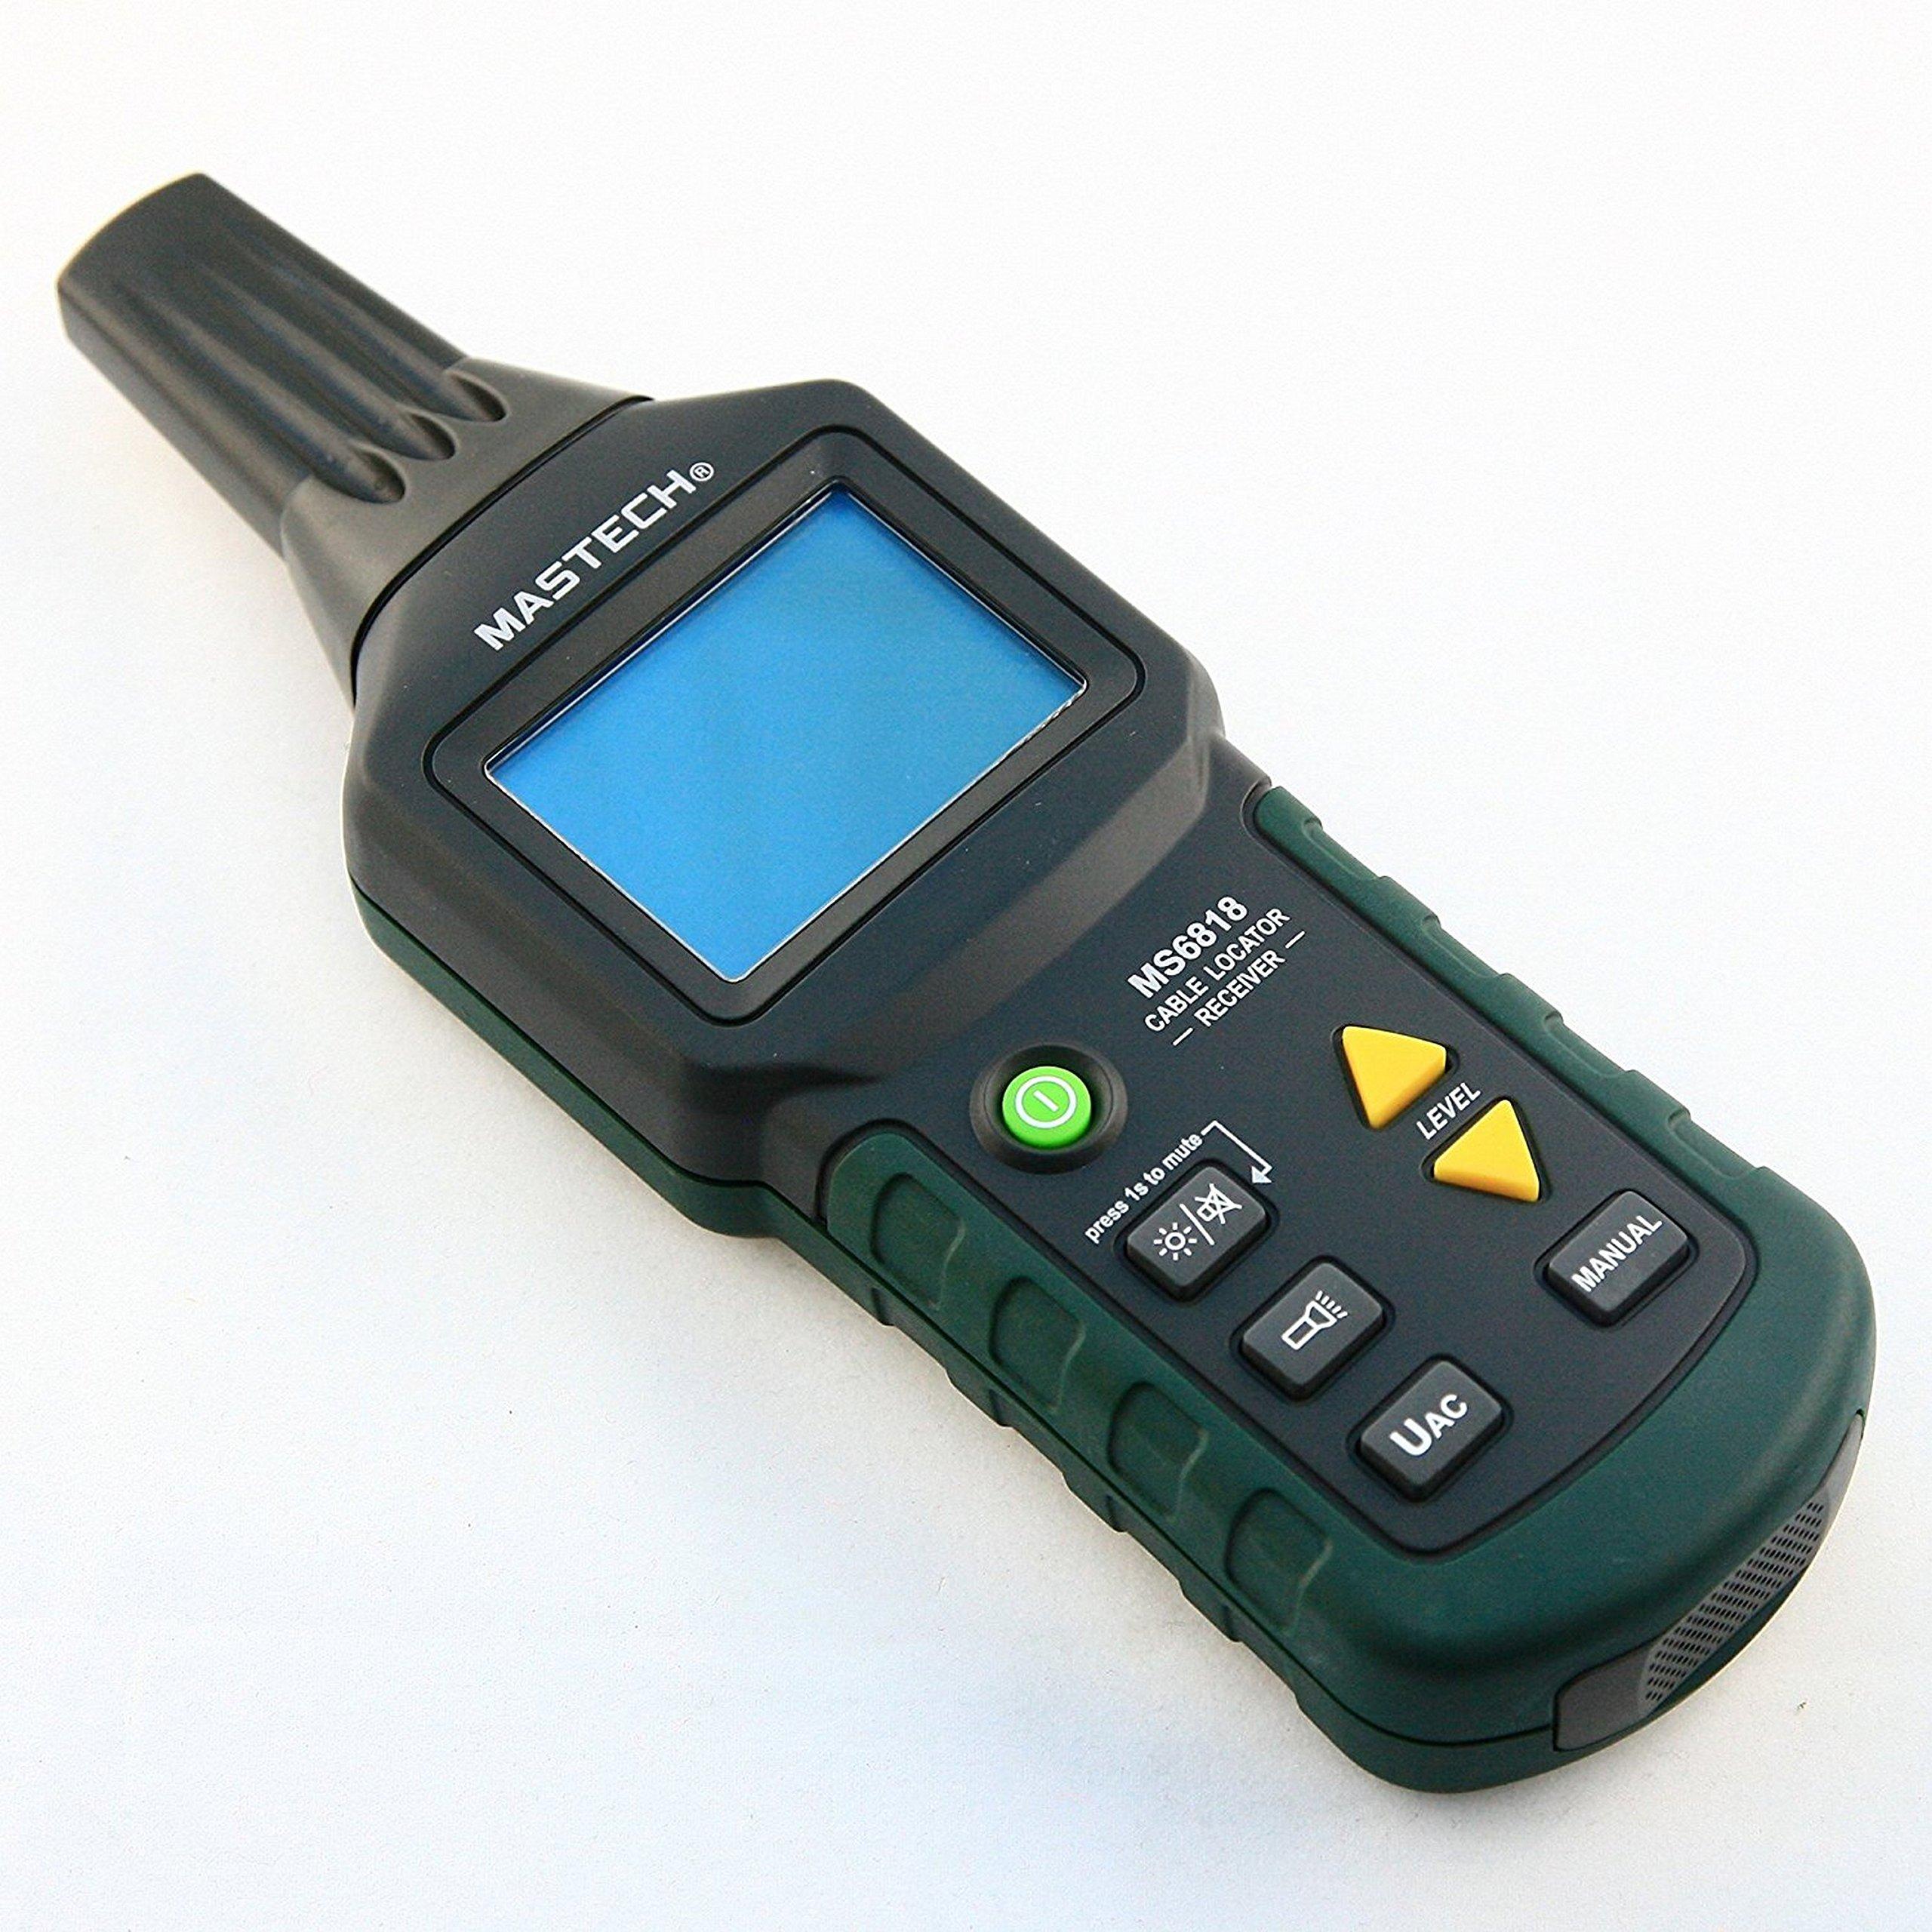 MASTECH MS6818 Advanced Wire Cable Tracker Pipe Locator ...